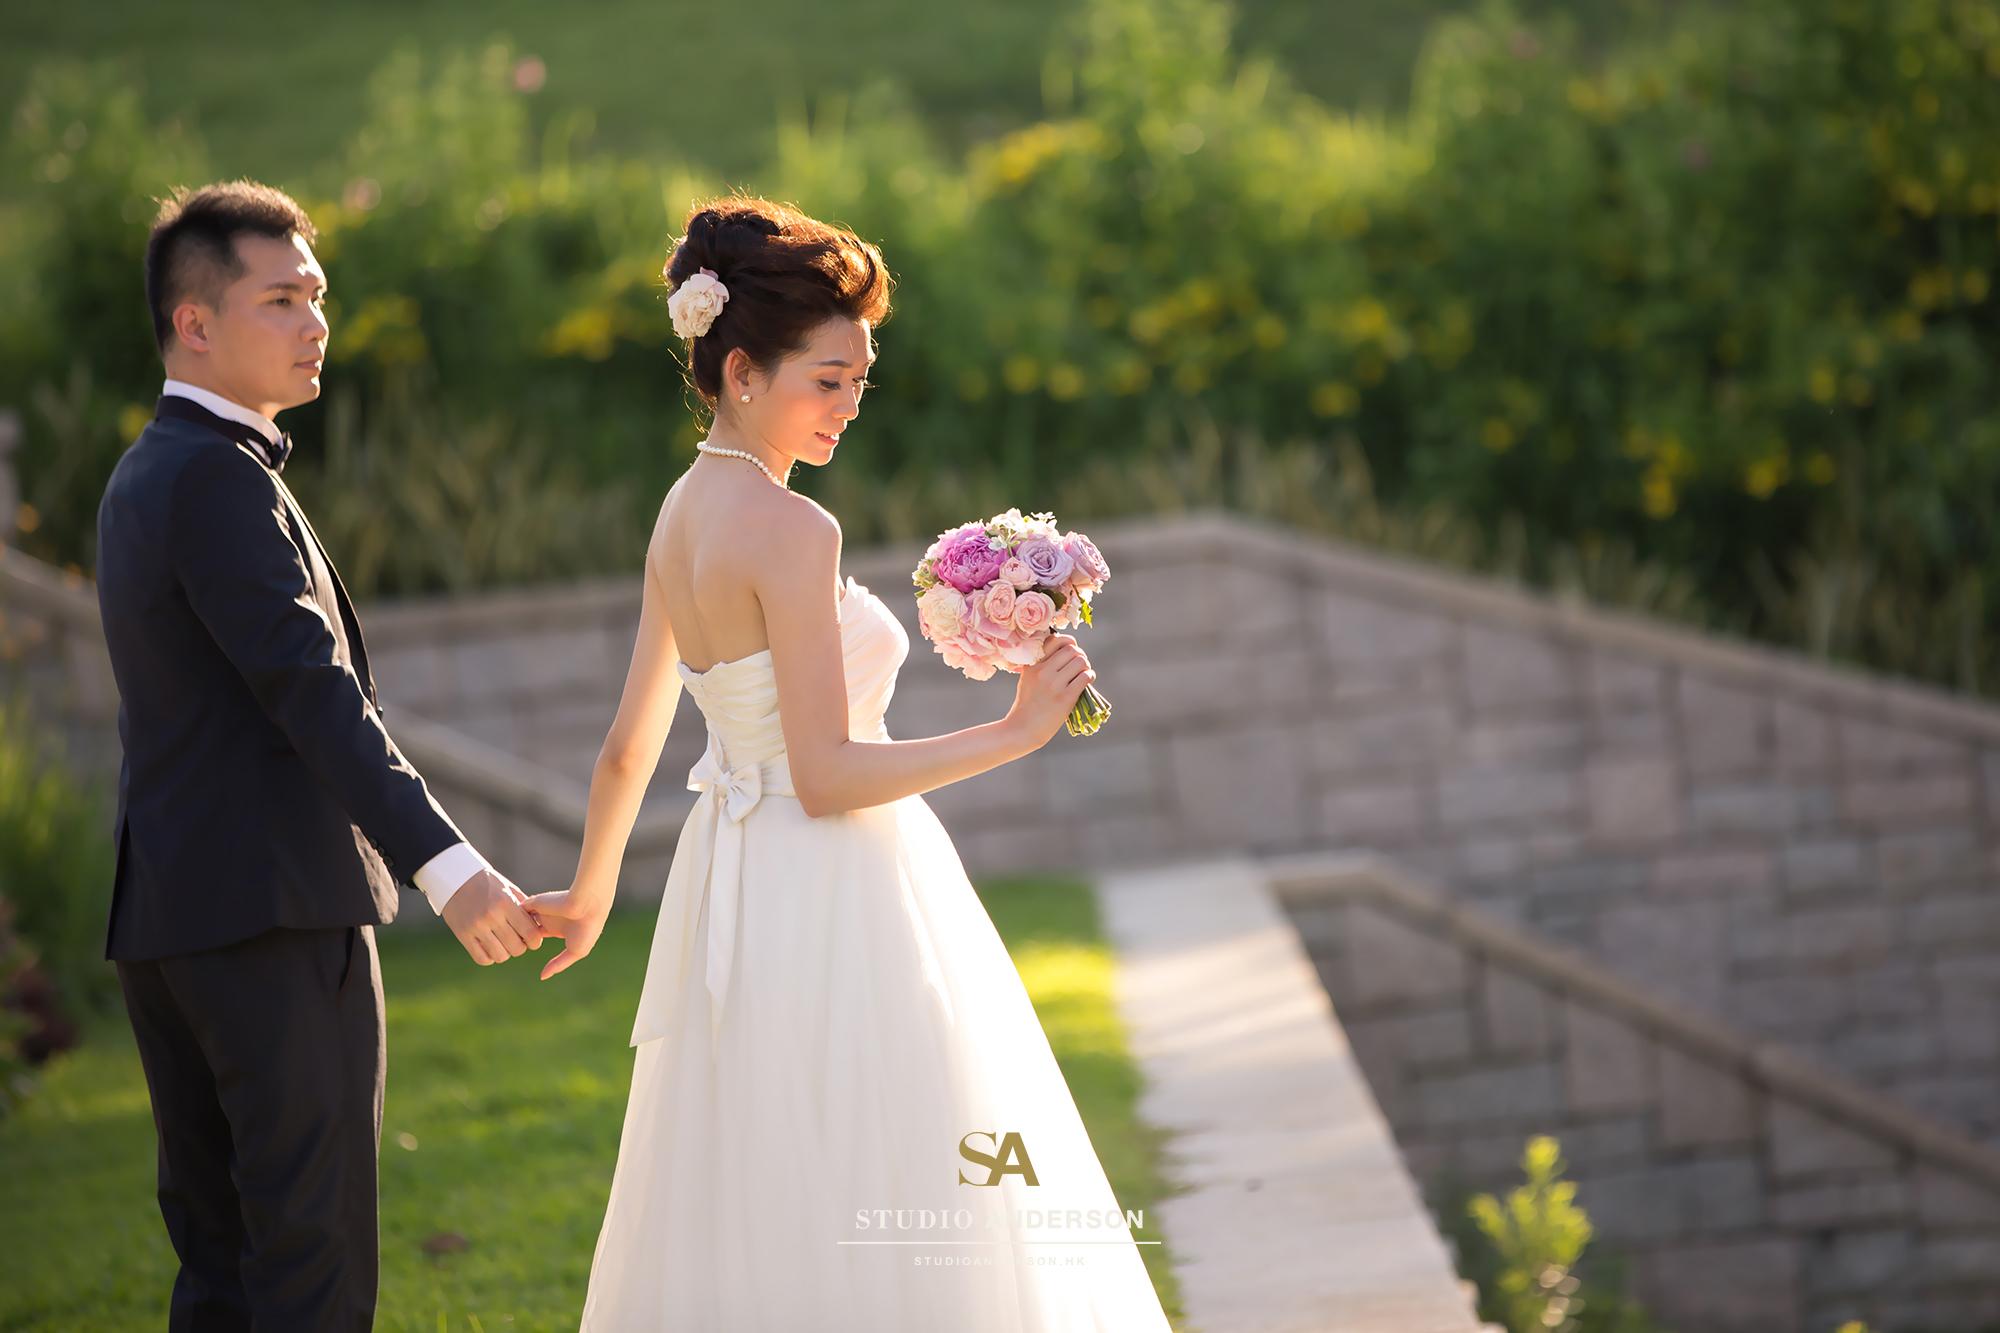 088 - Jay and Hang engagement (Watermark).jpg